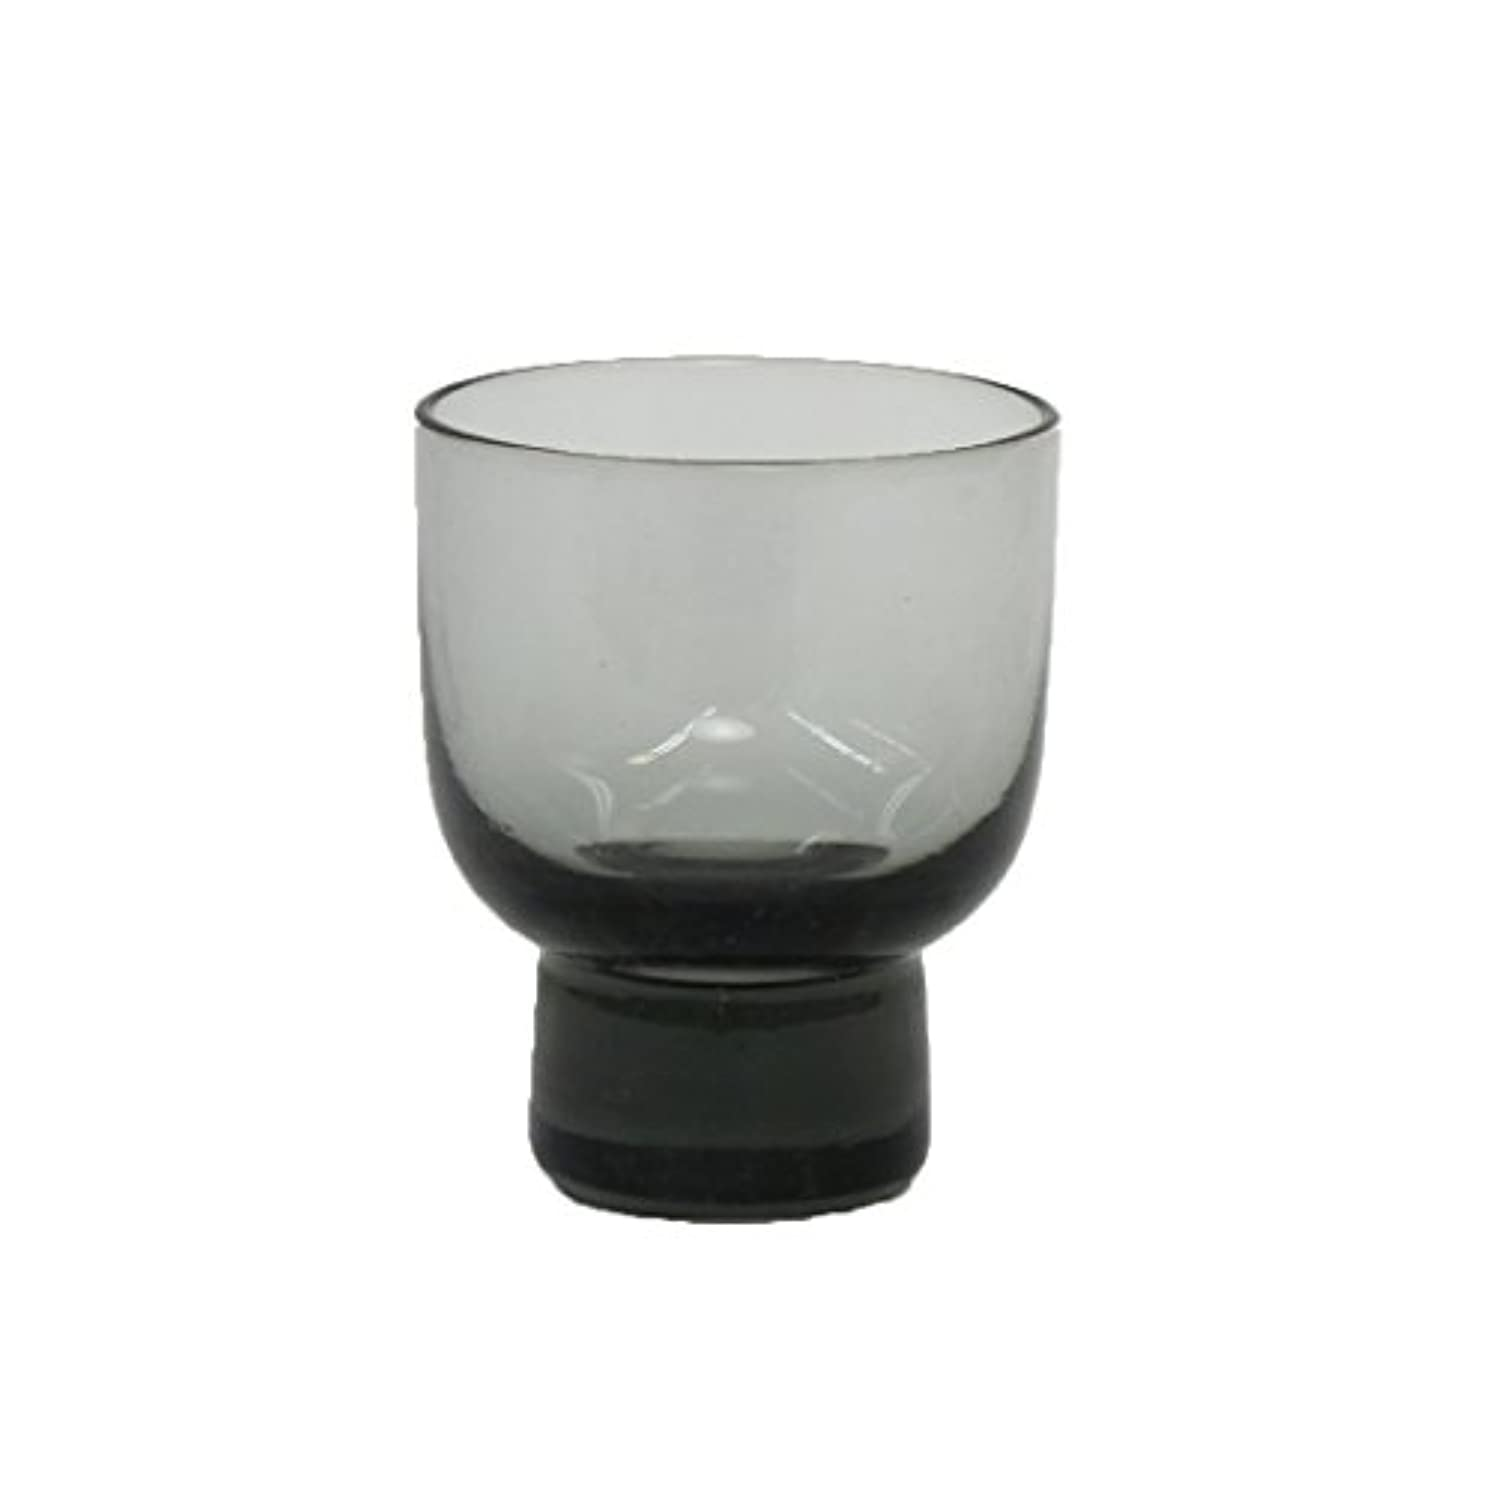 干ばつ強調するレプリカロキカップ 「 スモーク 」